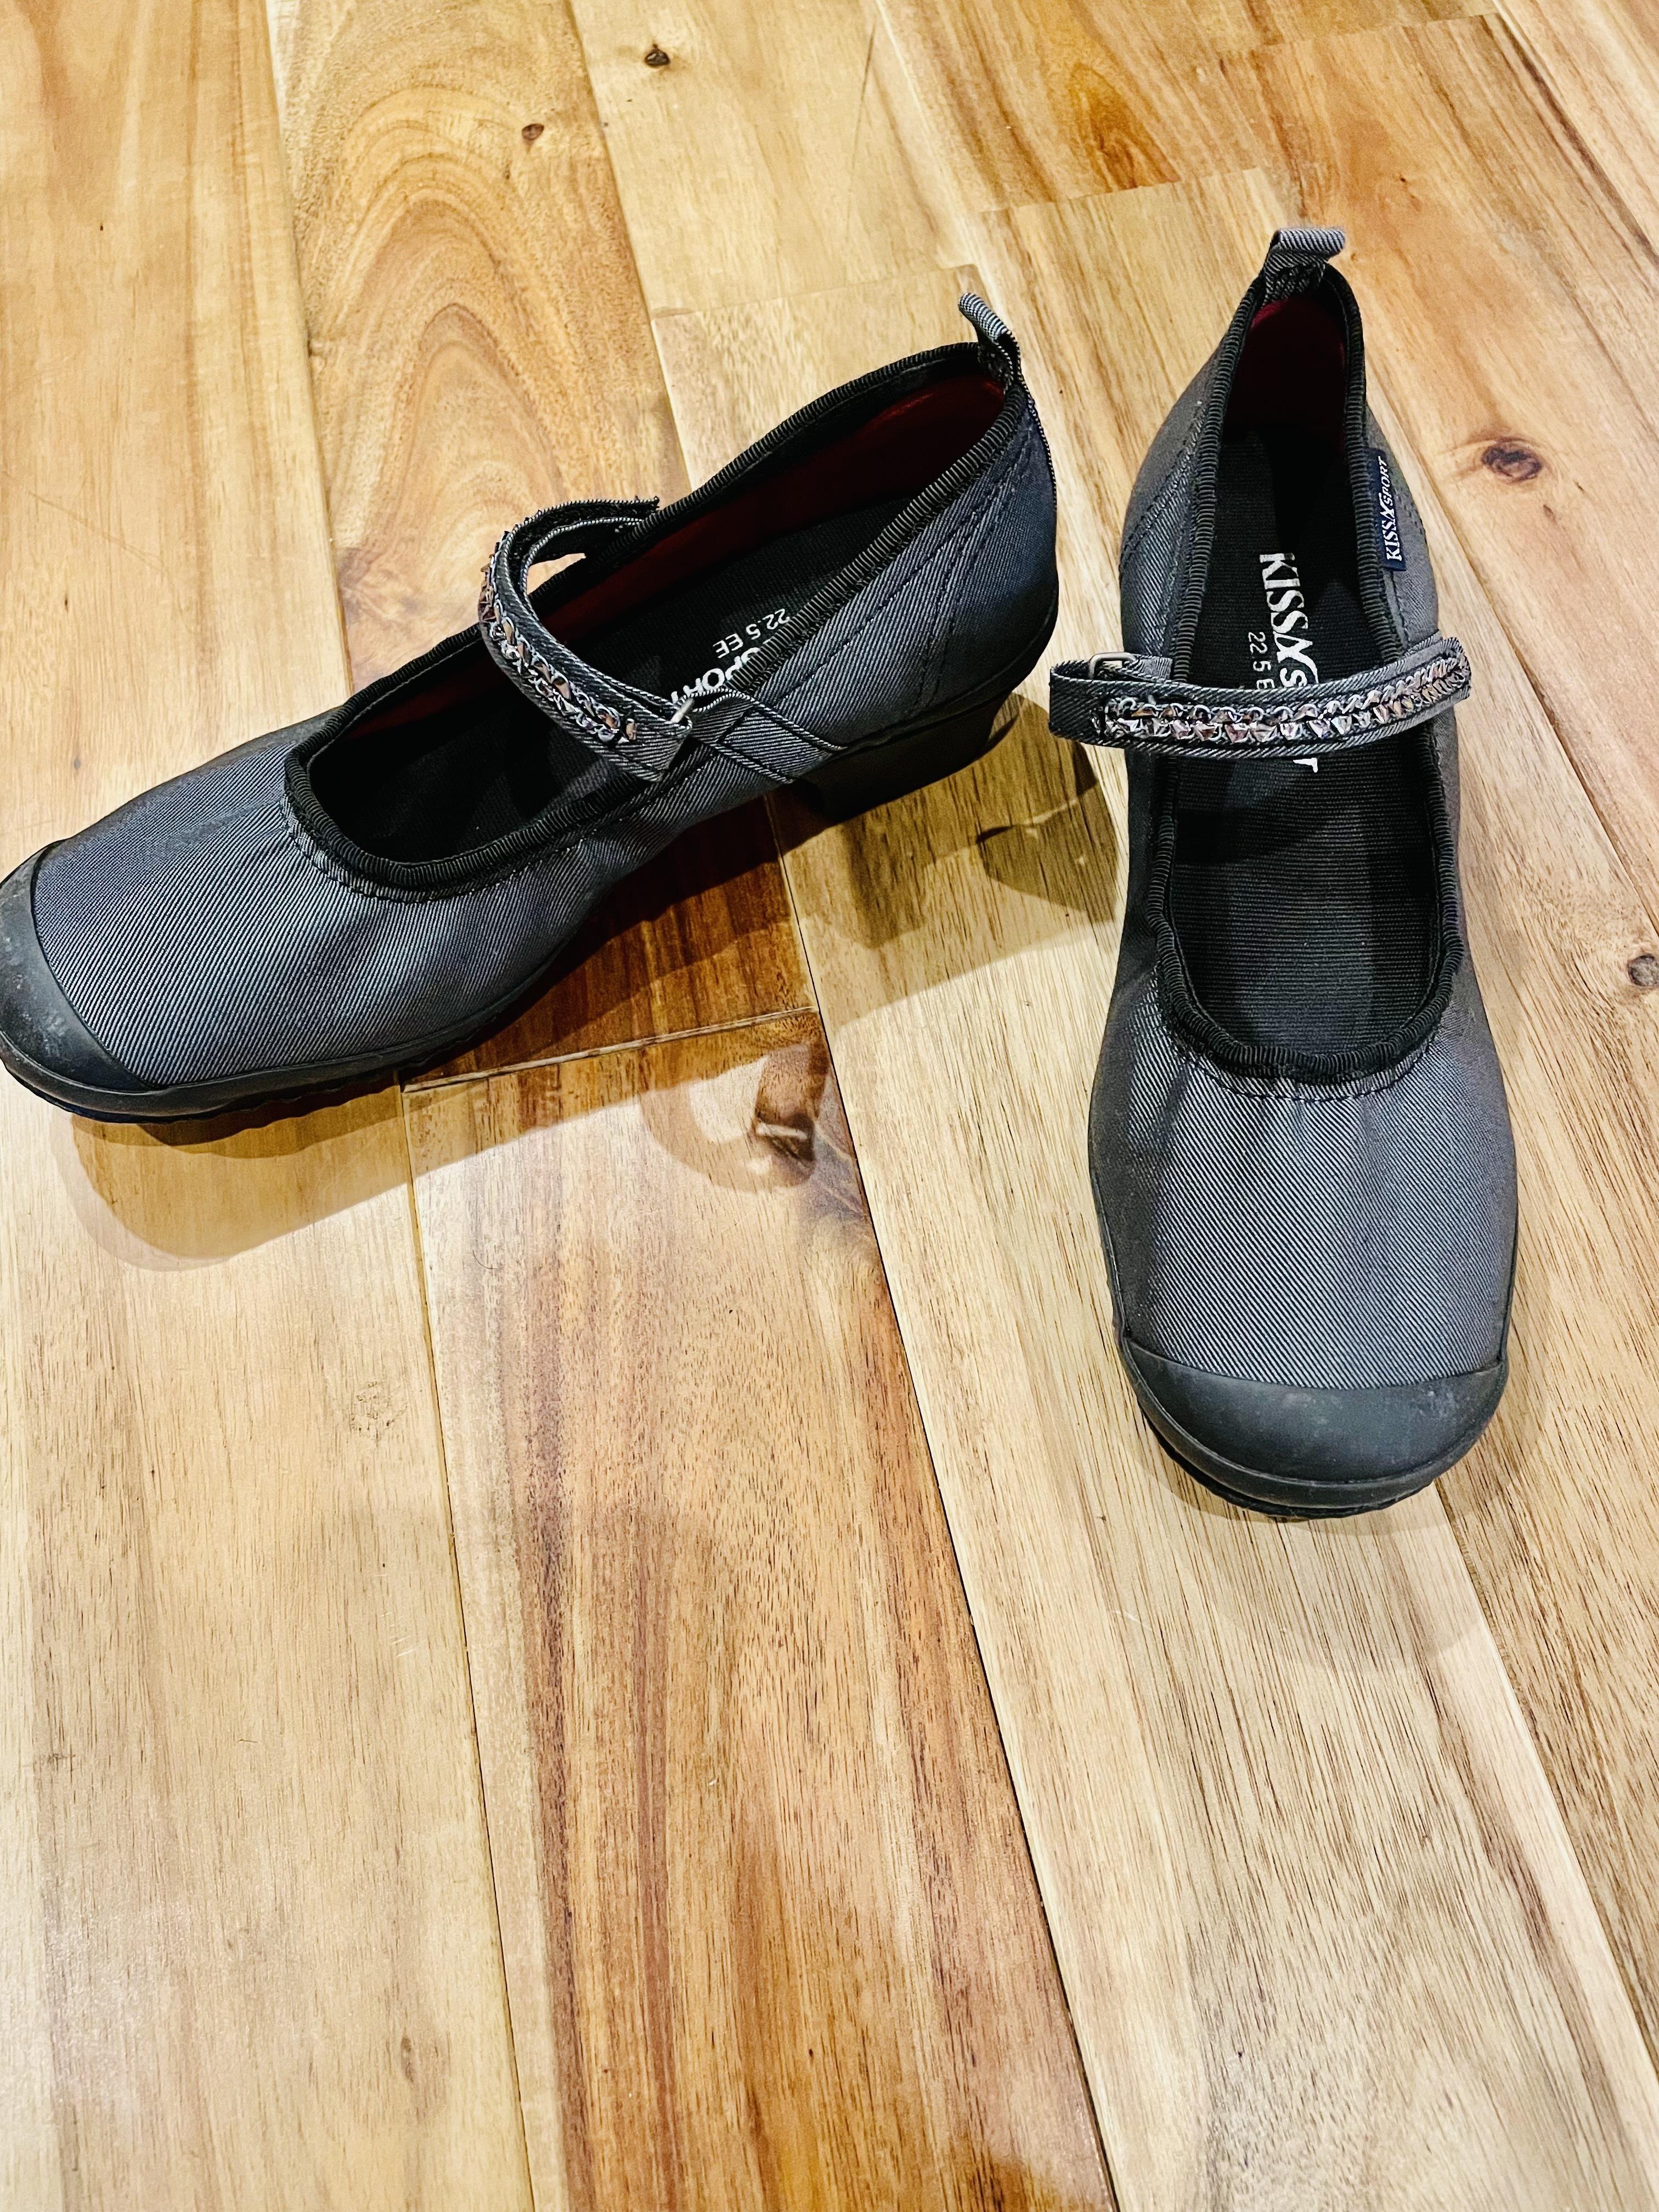 靴⑥ KISSA SPORT(キサスポーツ)(中古品)